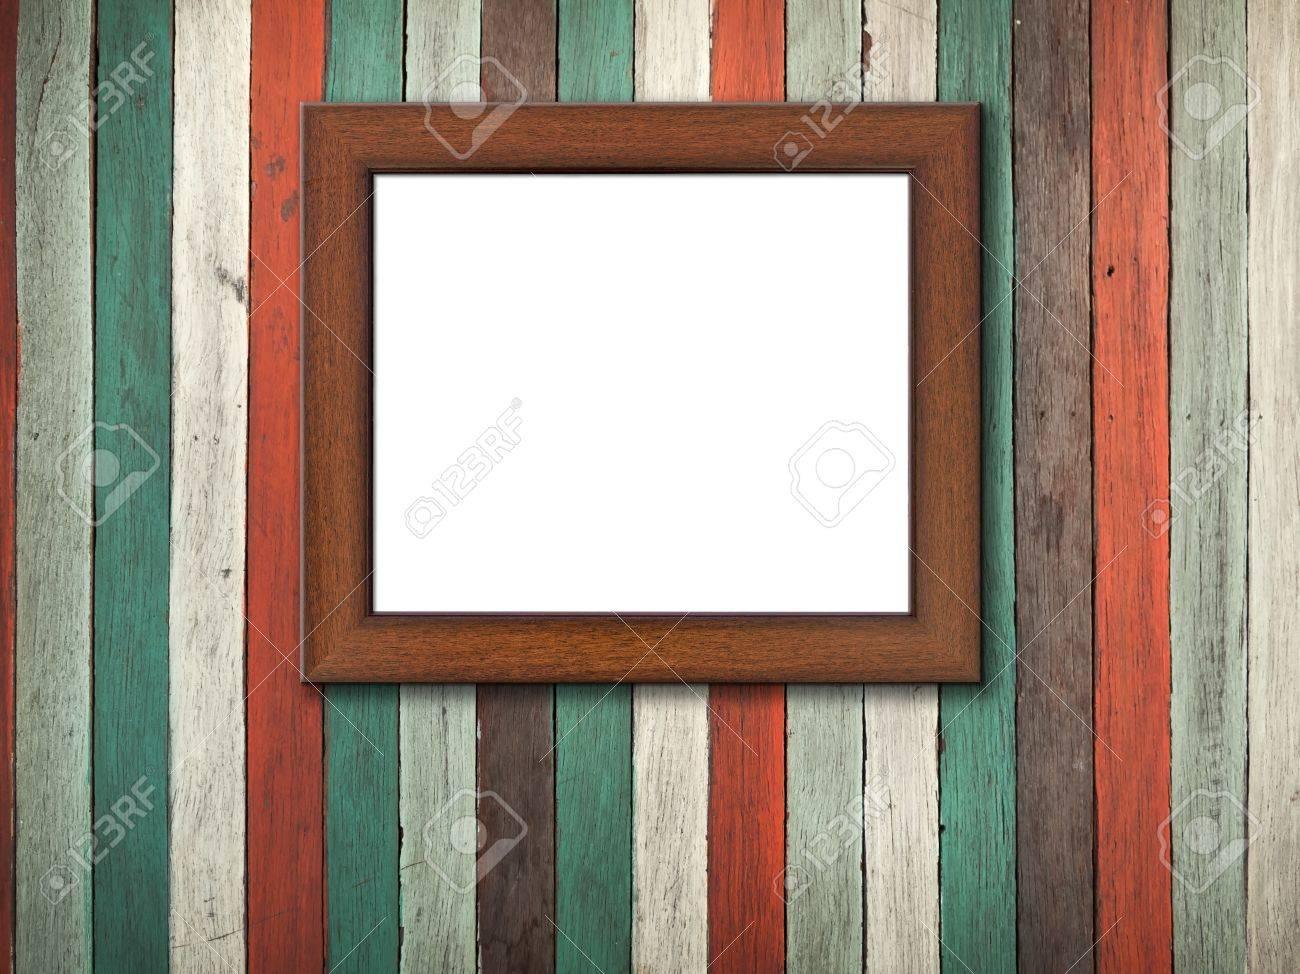 Ungewöhnlich Verbundene Fotorahmen Bilder - Bilderrahmen Ideen ...